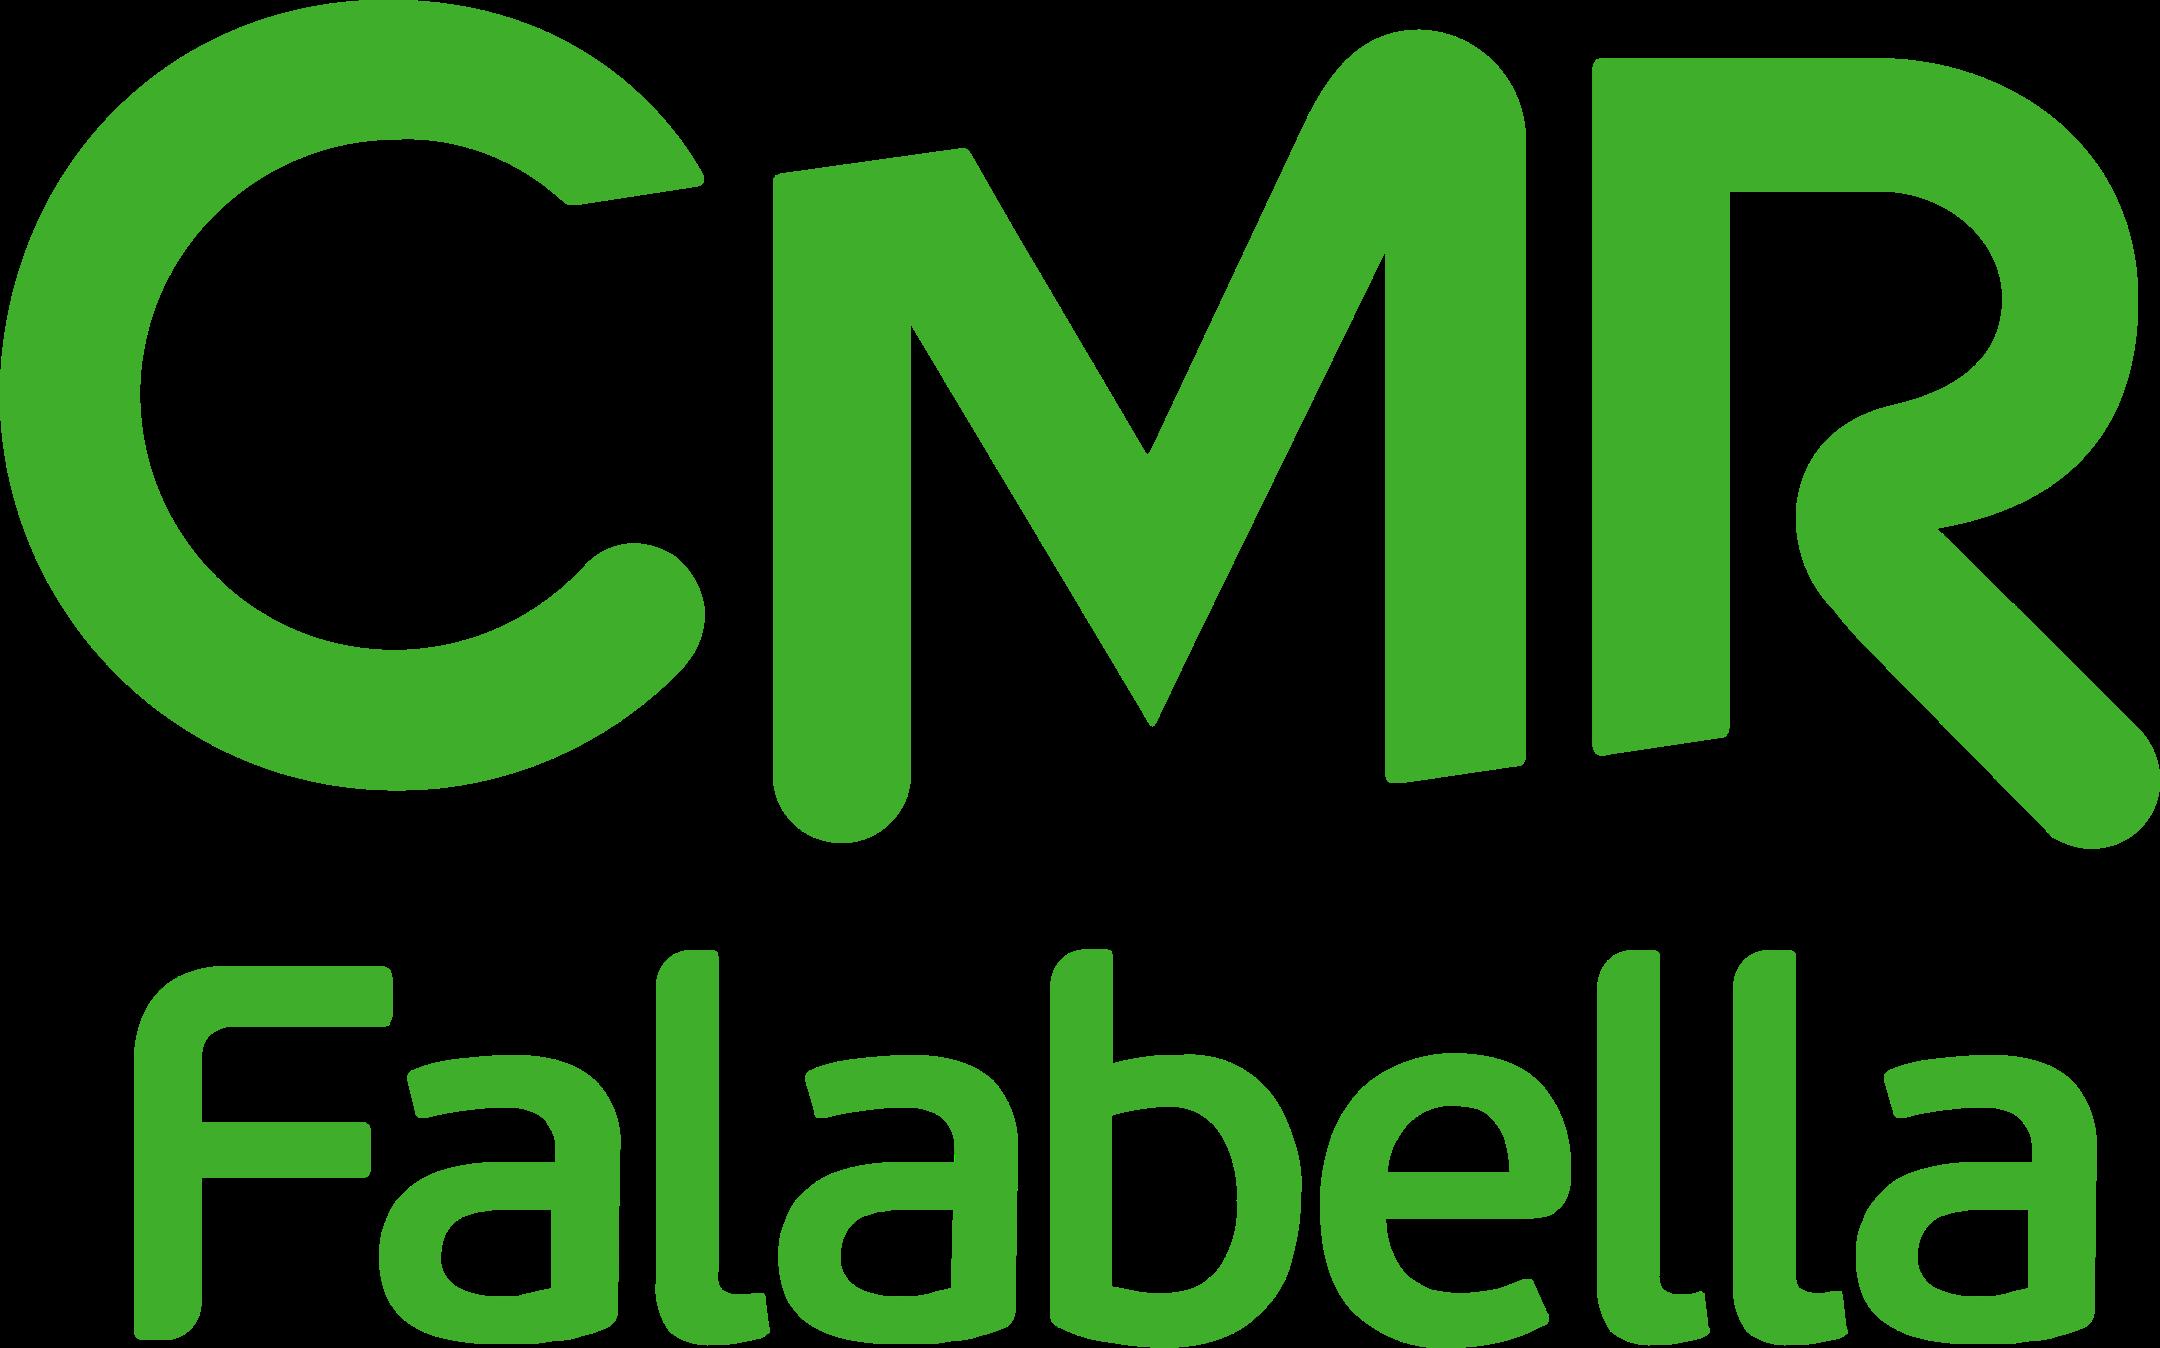 cmr falabella logo 3 - CMR Falabella Logo